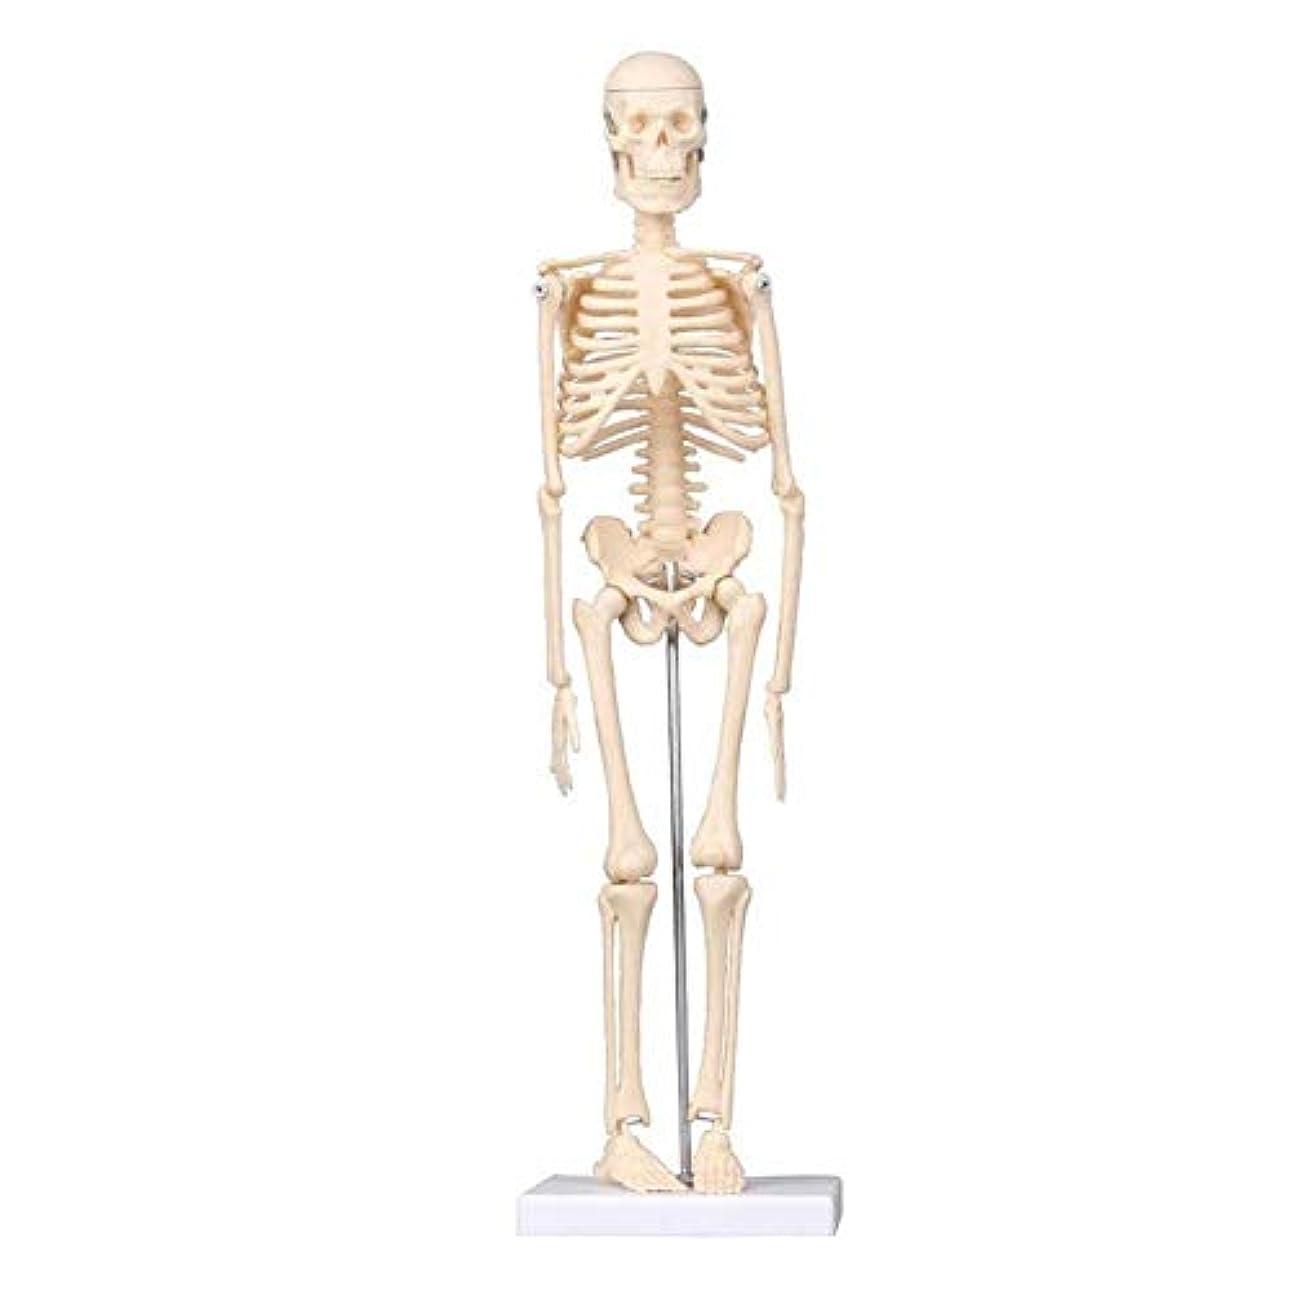 ストローモーテルスイス人教育モデル45 cm人間モデル、解剖学的医療モデル人間の骨の医学研究と教育